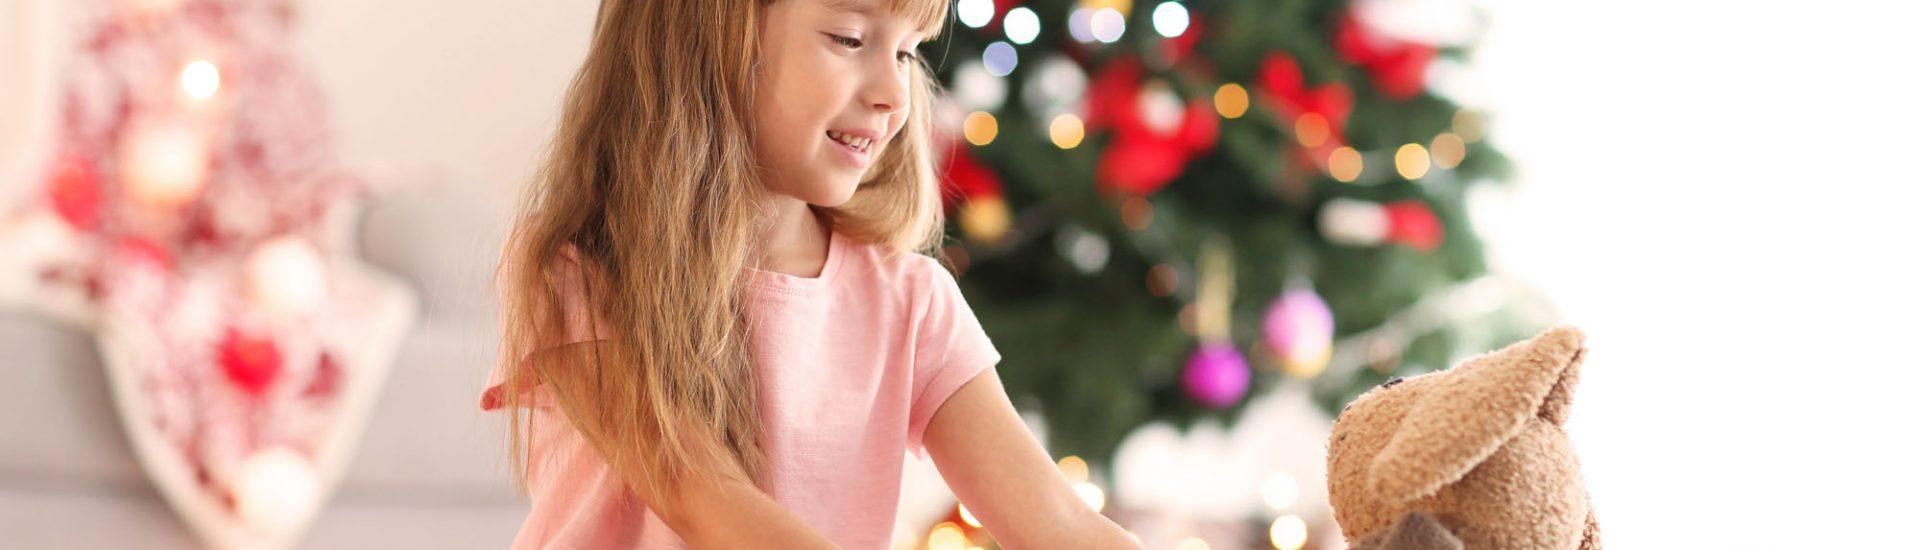 Weihnachtsgeschenke für Mädchen - Top 10 Inspirationen